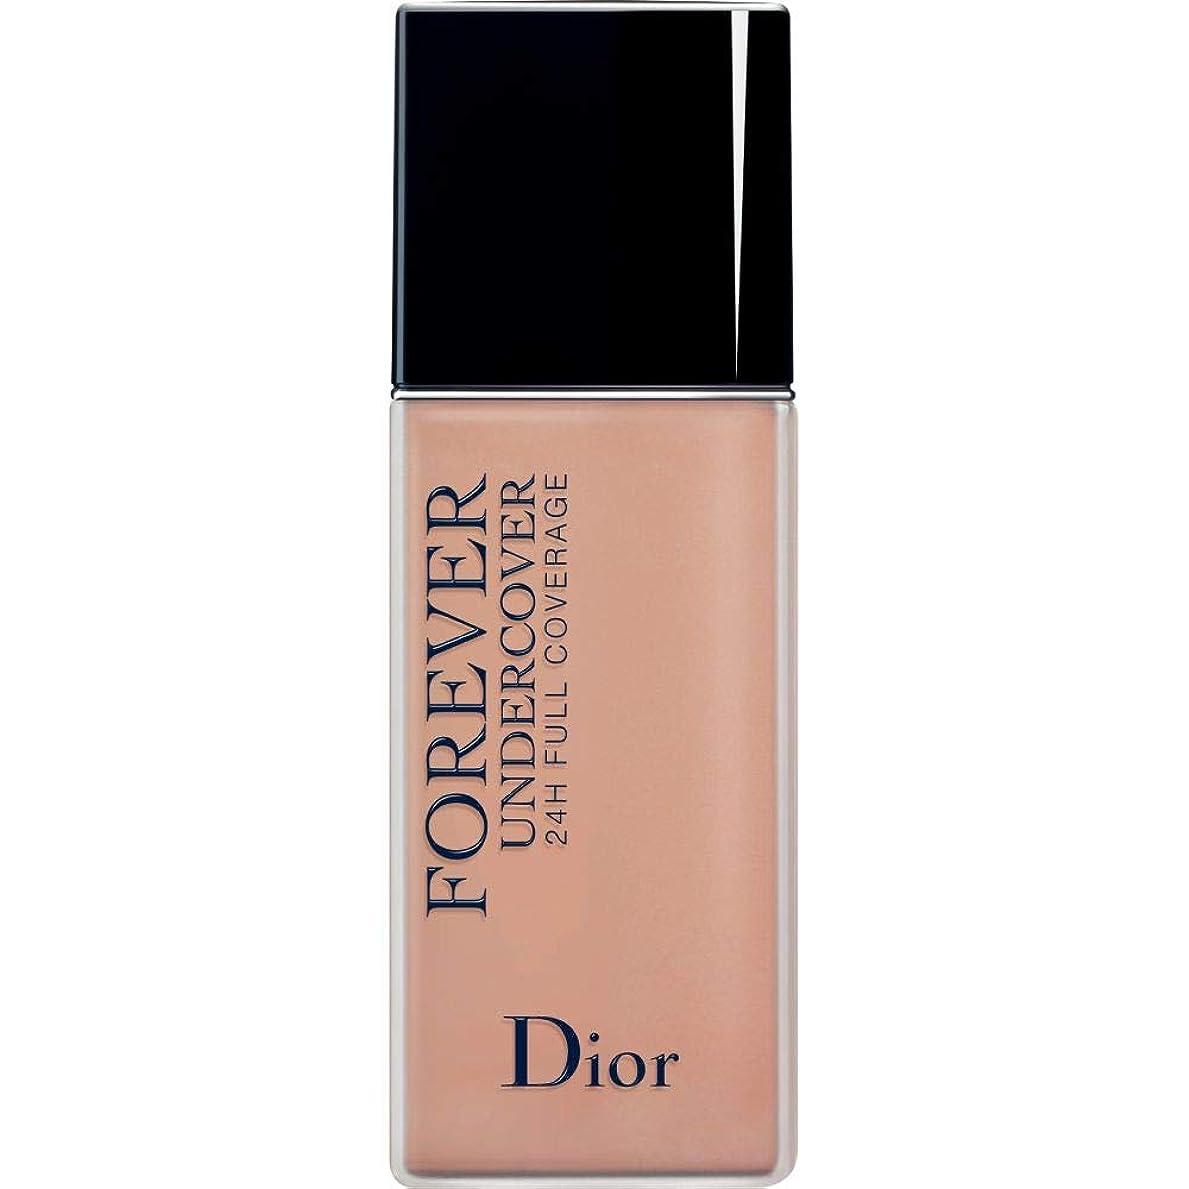 毒液小学生着る[Dior ] ディオールディオールスキン永遠アンダーカバーフルカバーの基礎40ミリリットル034 - アーモンドベージュ - DIOR Diorskin Forever Undercover Full Coverage Foundation 40ml 034 - Almond Beige [並行輸入品]